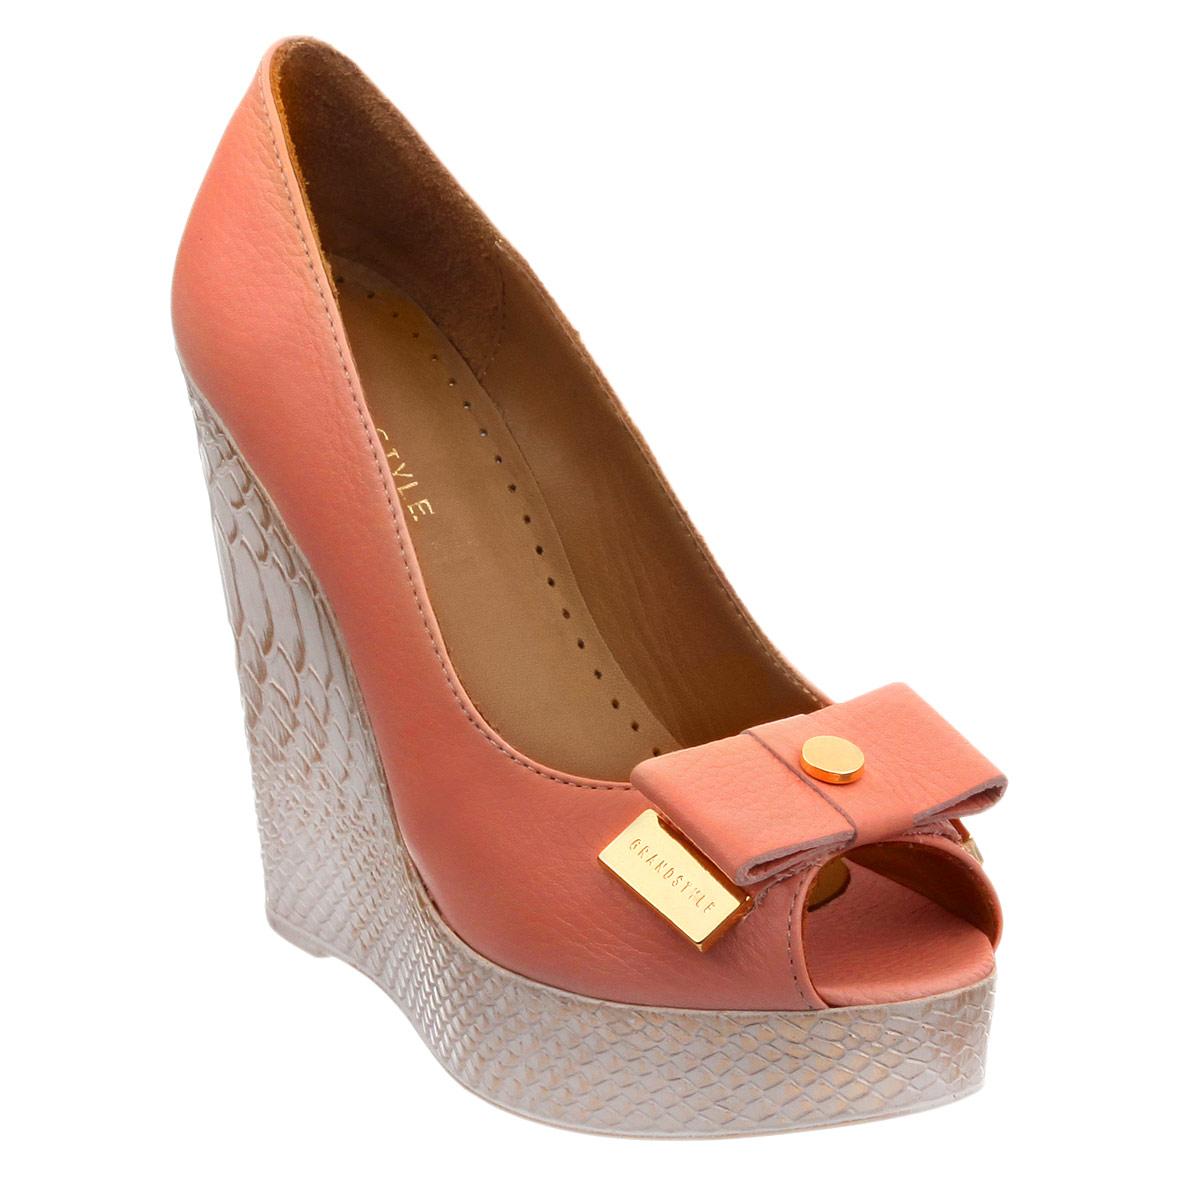 Туфли женские. D15YA-0212D15YA-0212Роскошные туфли Grand Style - незаменимая вещь в гардеробе настоящей модницы. Модель выполнена из натуральной кожи. Мыс изделия декорирован стильным бантиком, дополненным круглой металлической пластиной посередине и металлическими пластинами с названием бренда на концах. Открытый носок добавляет женственные нотки в образ. Мягкая стелька из натуральной кожи с перфорацией обеспечивает комфорт и удобство при ходьбе. Высокая танкетка оформлена узором, имитирующим змеиную чешую. Рифленая поверхность подошвы защищает изделие от скольжения. Трендовые туфли помогут вам создать яркий, запоминающийся образ.